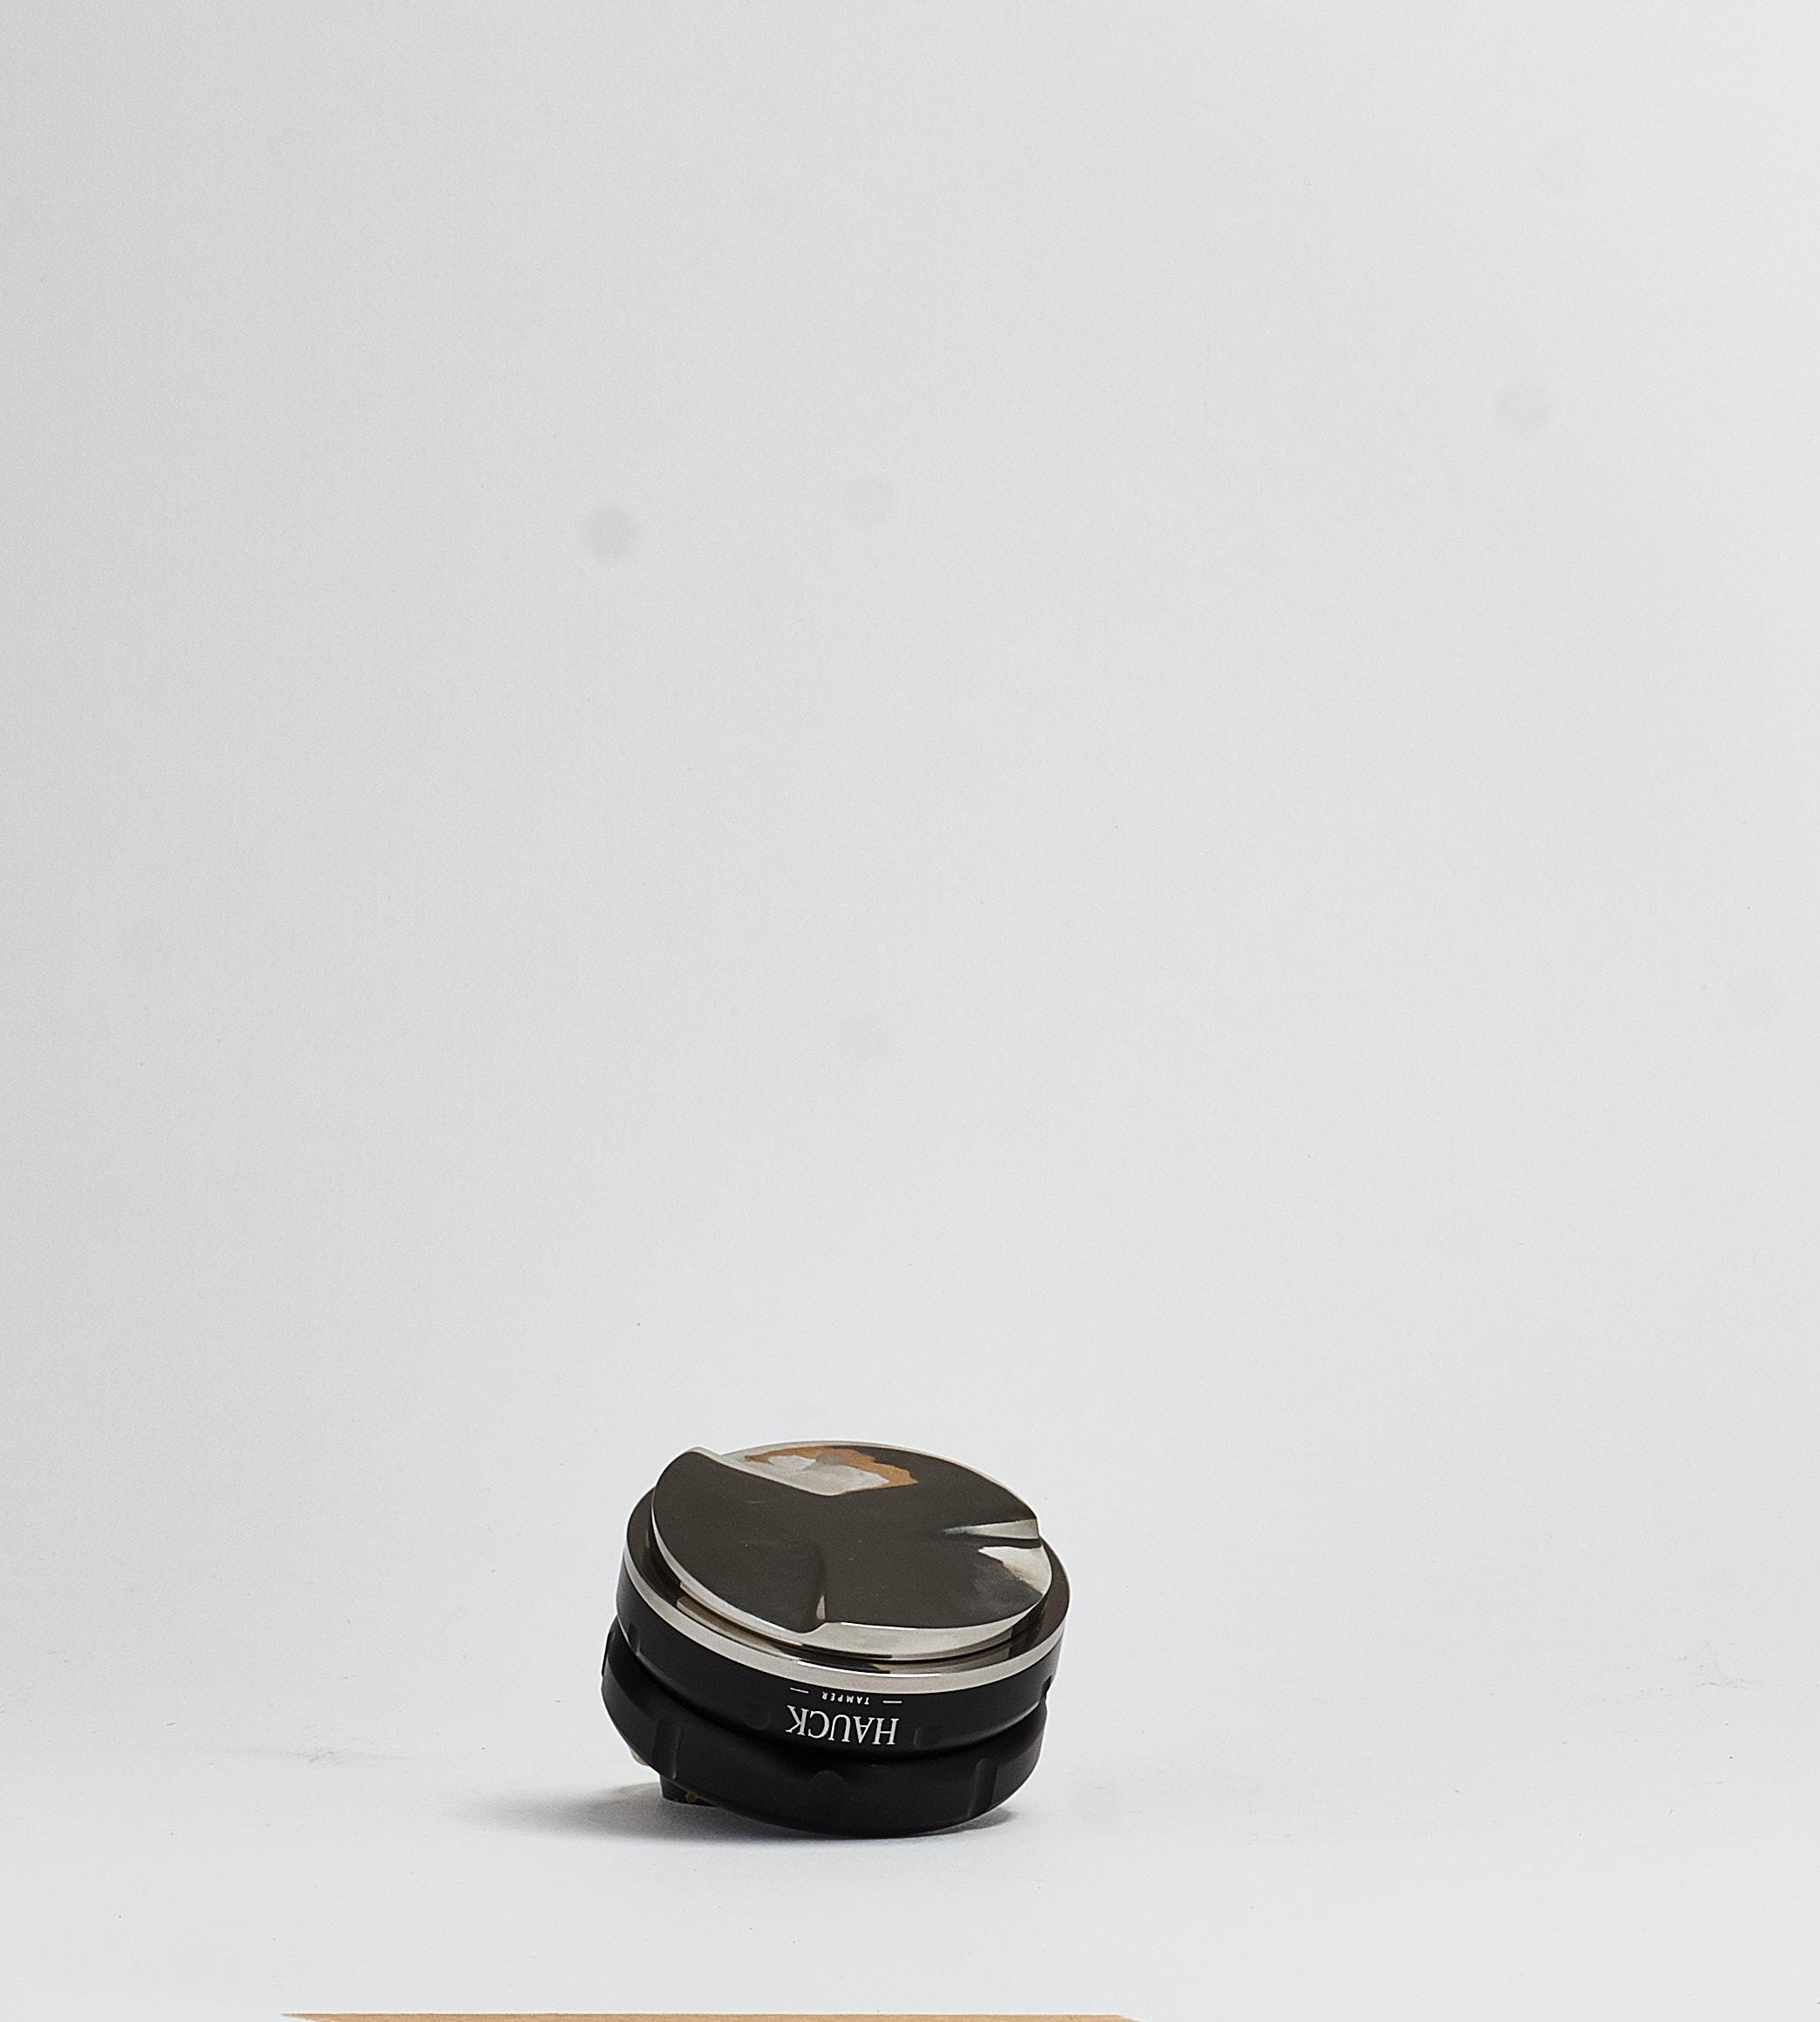 Leveler, 58mm-prev-1